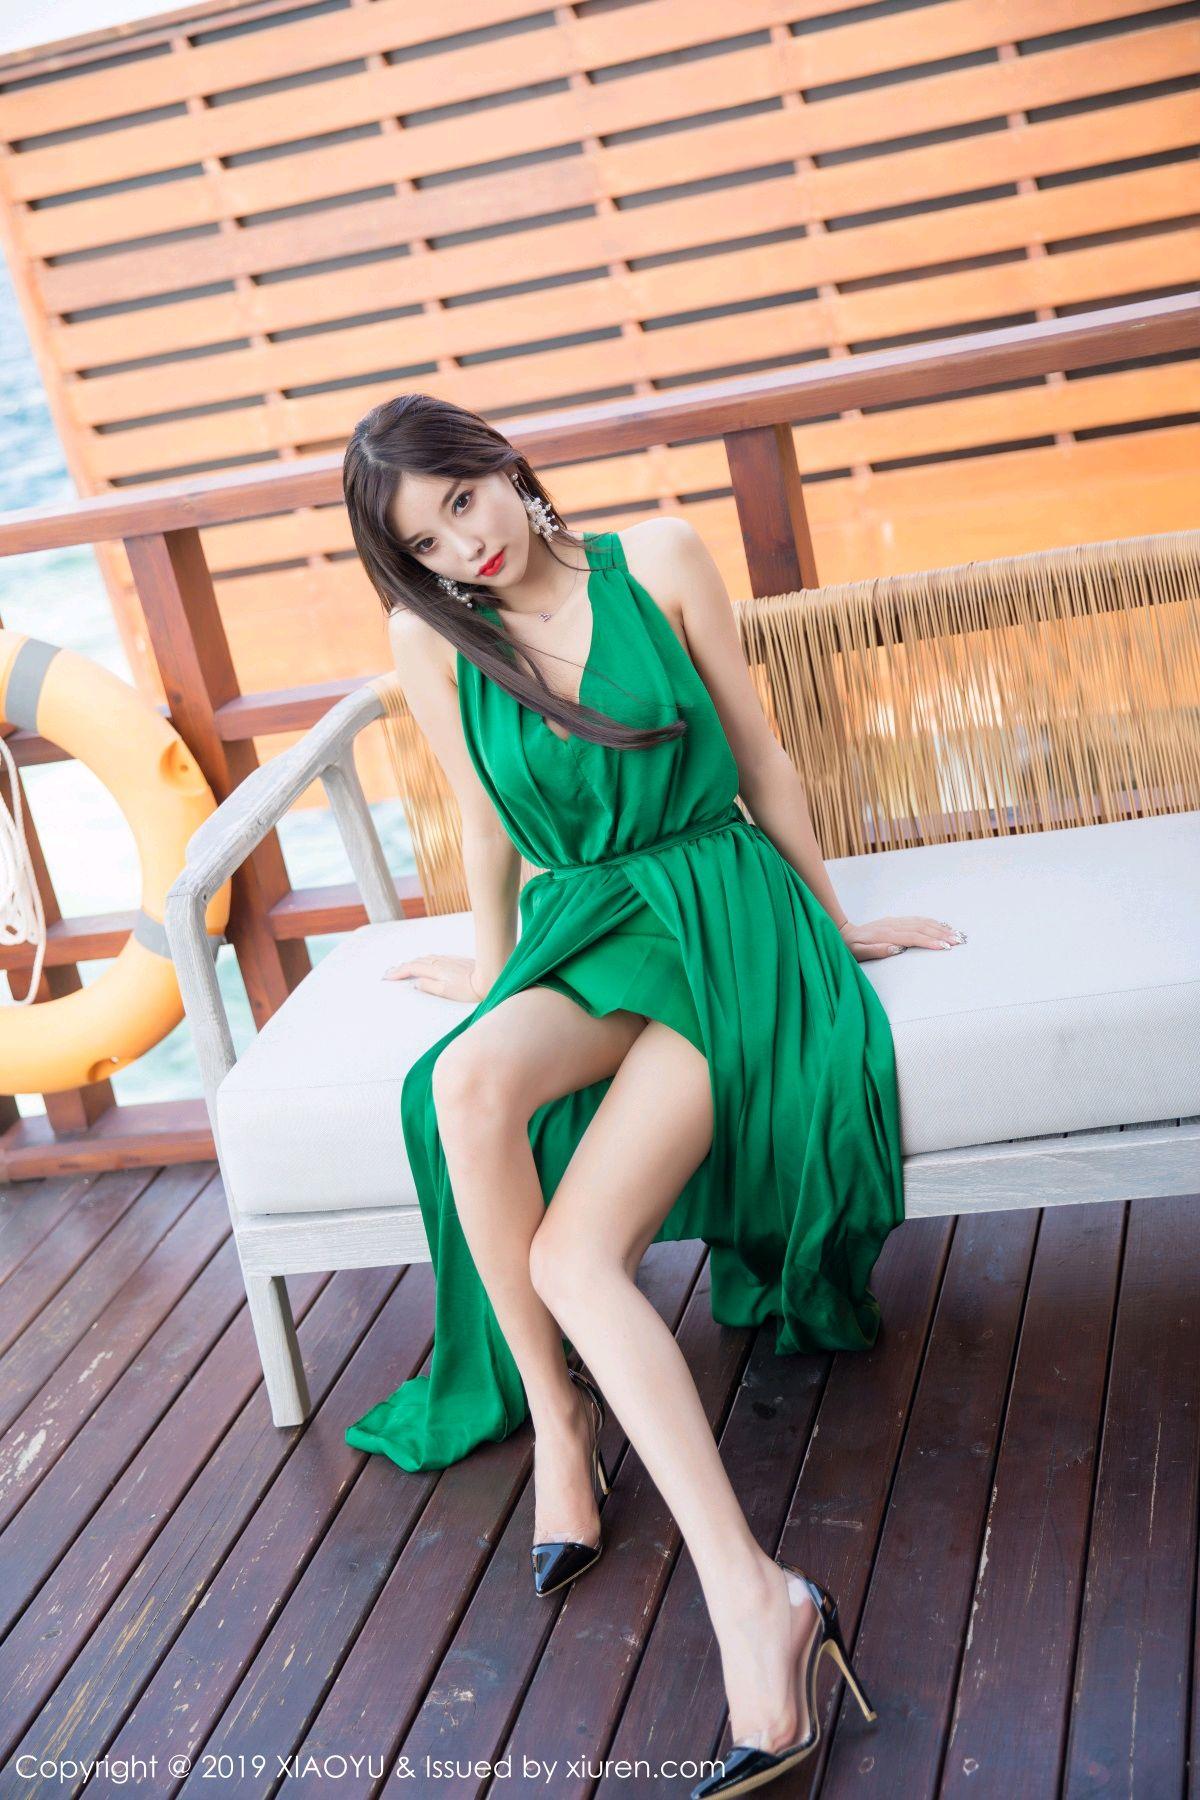 [XiaoYu] Vol.072 sugar 1P, Bikini, Swim Pool, XiaoYu, Yang Chen Chen